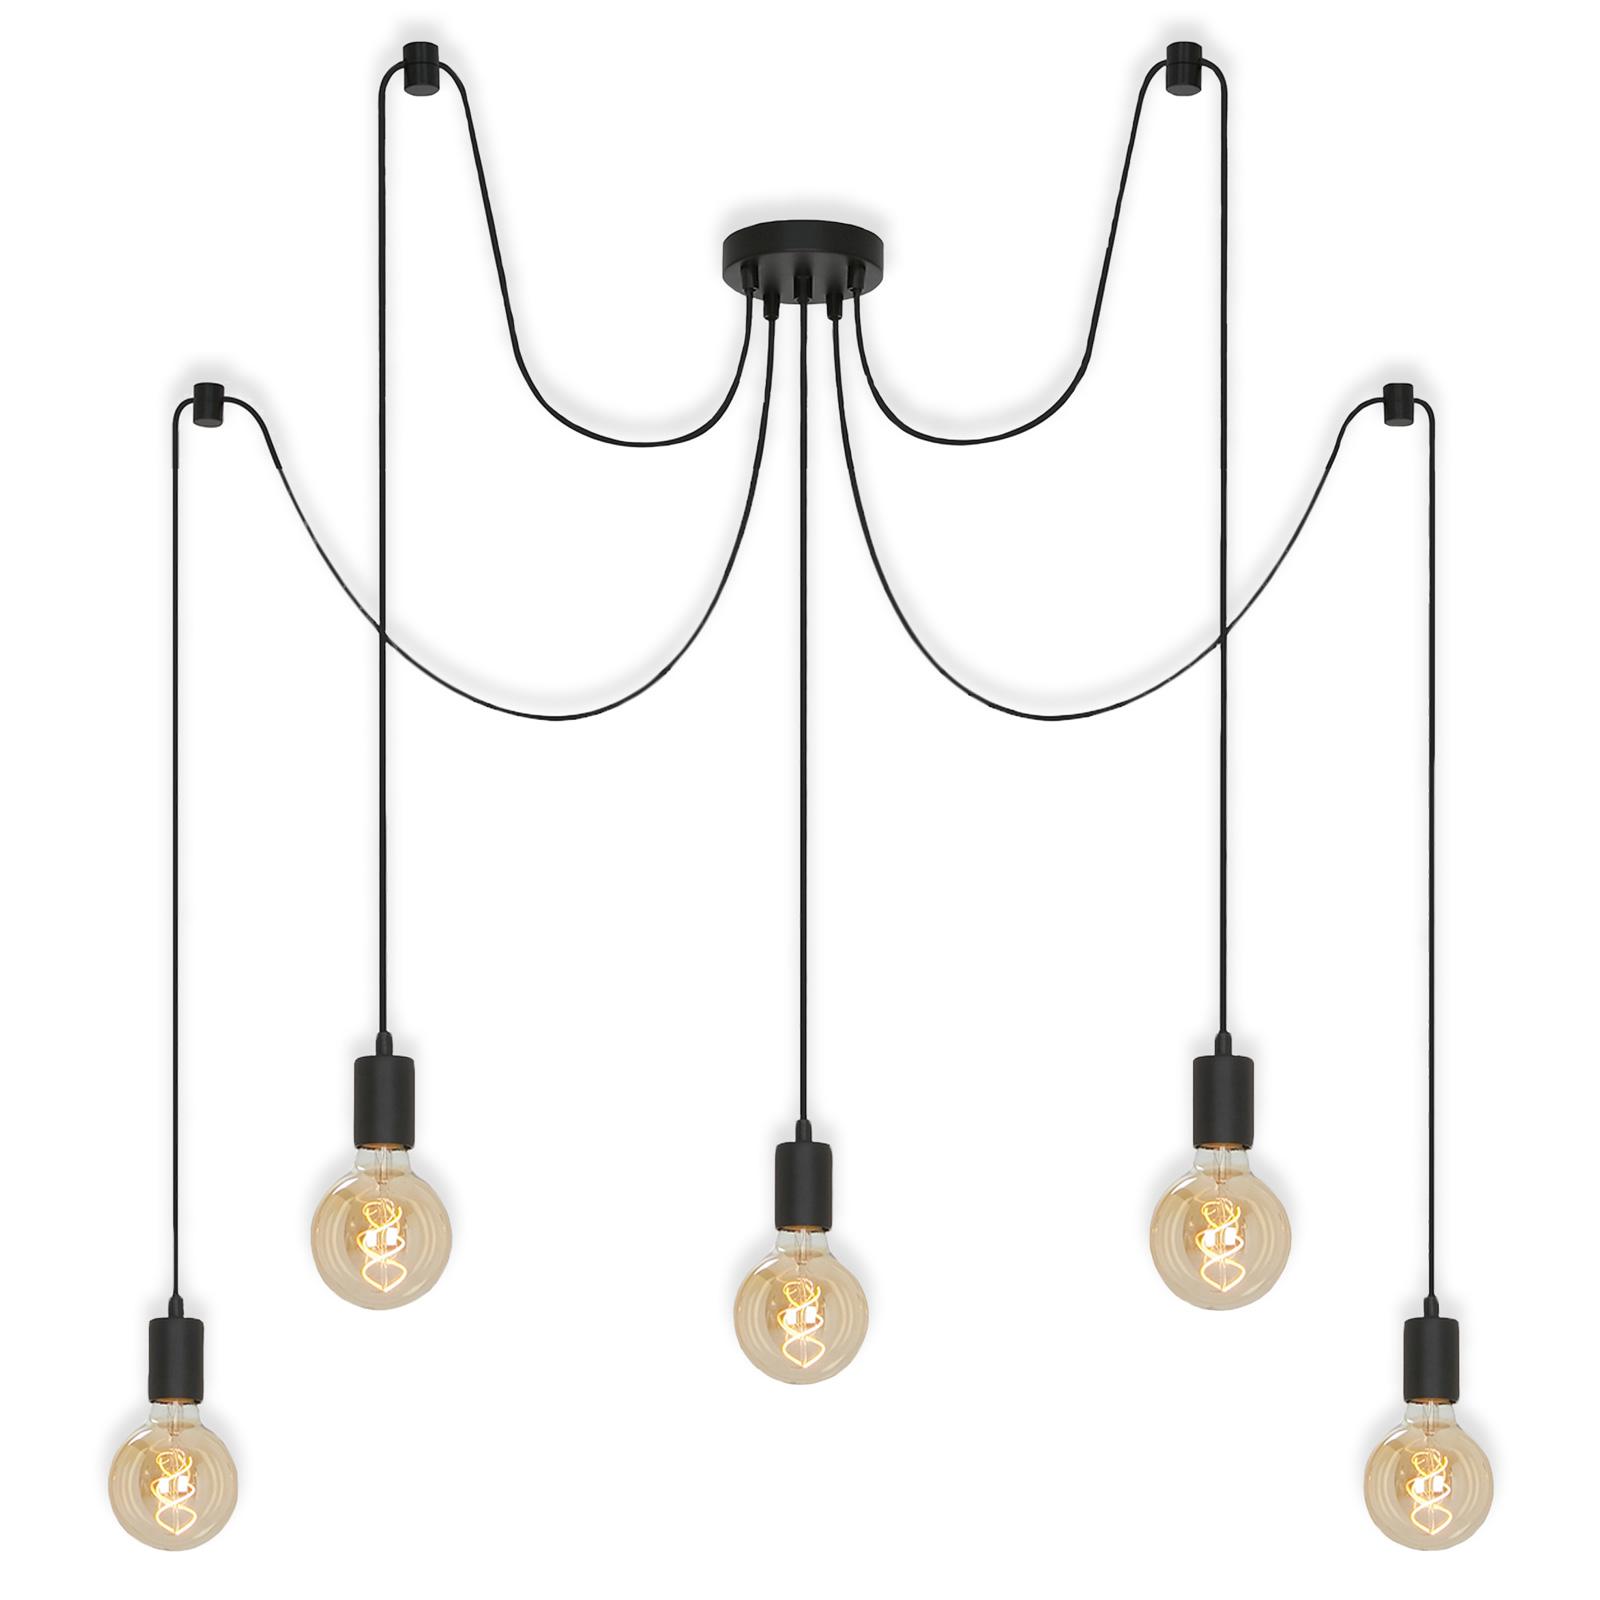 Lampa wisząca 4104-055 Black Steel, 5-punktowa